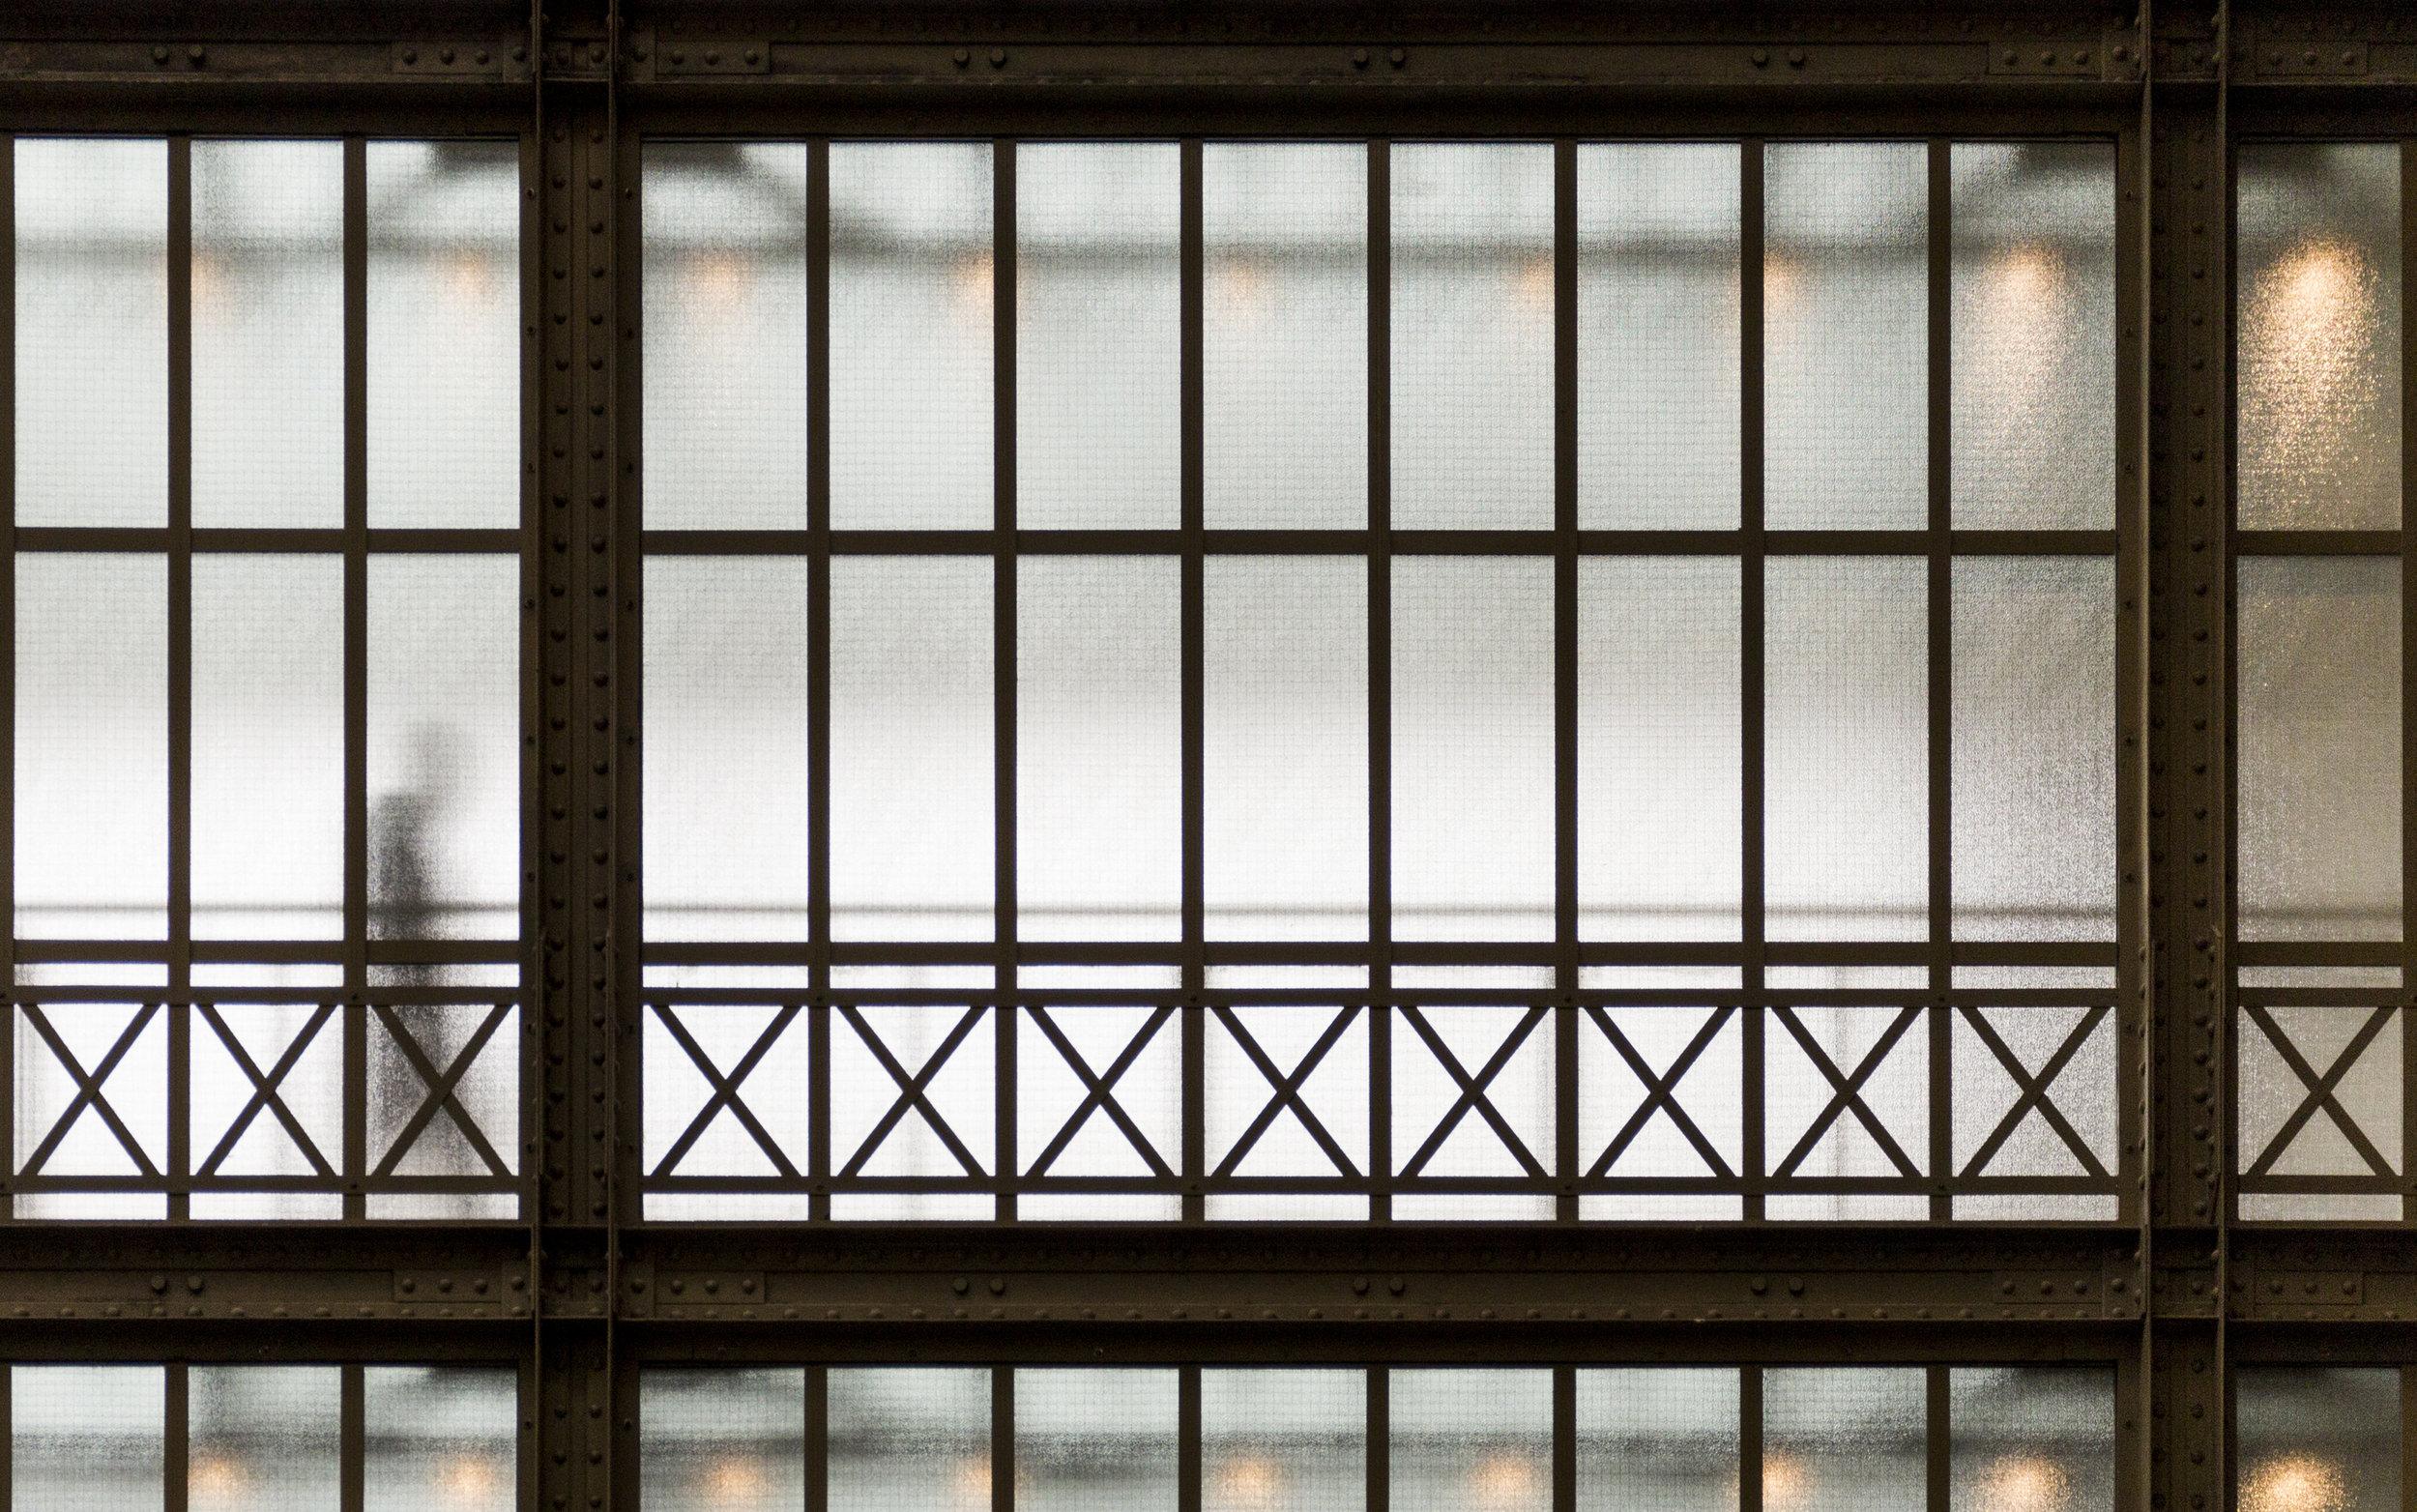 MUSÉE D'ORSAY | PARIS